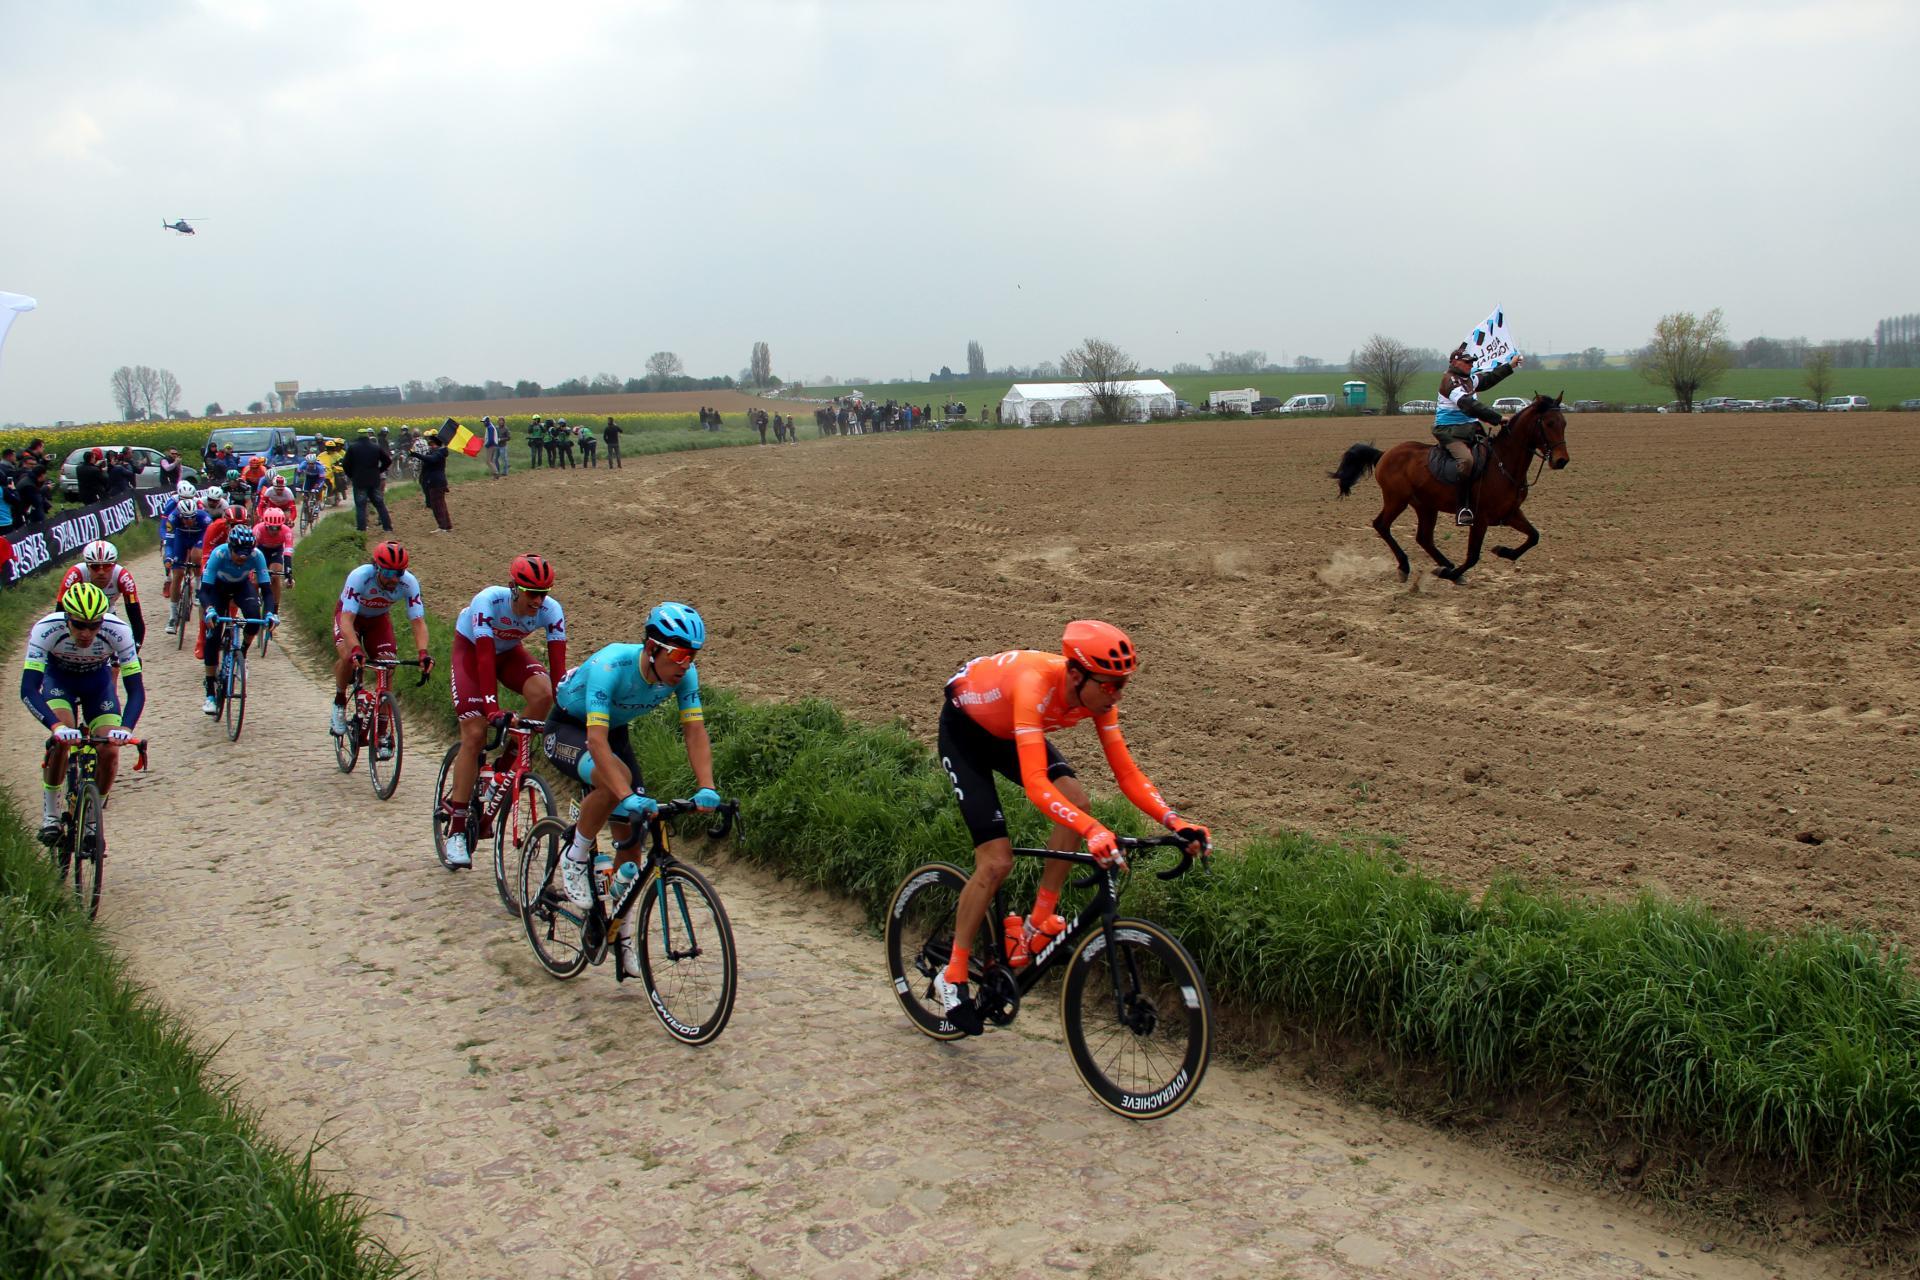 Joveniaux photographe paris roubaix paris roubaix 2019 classique cyclisme